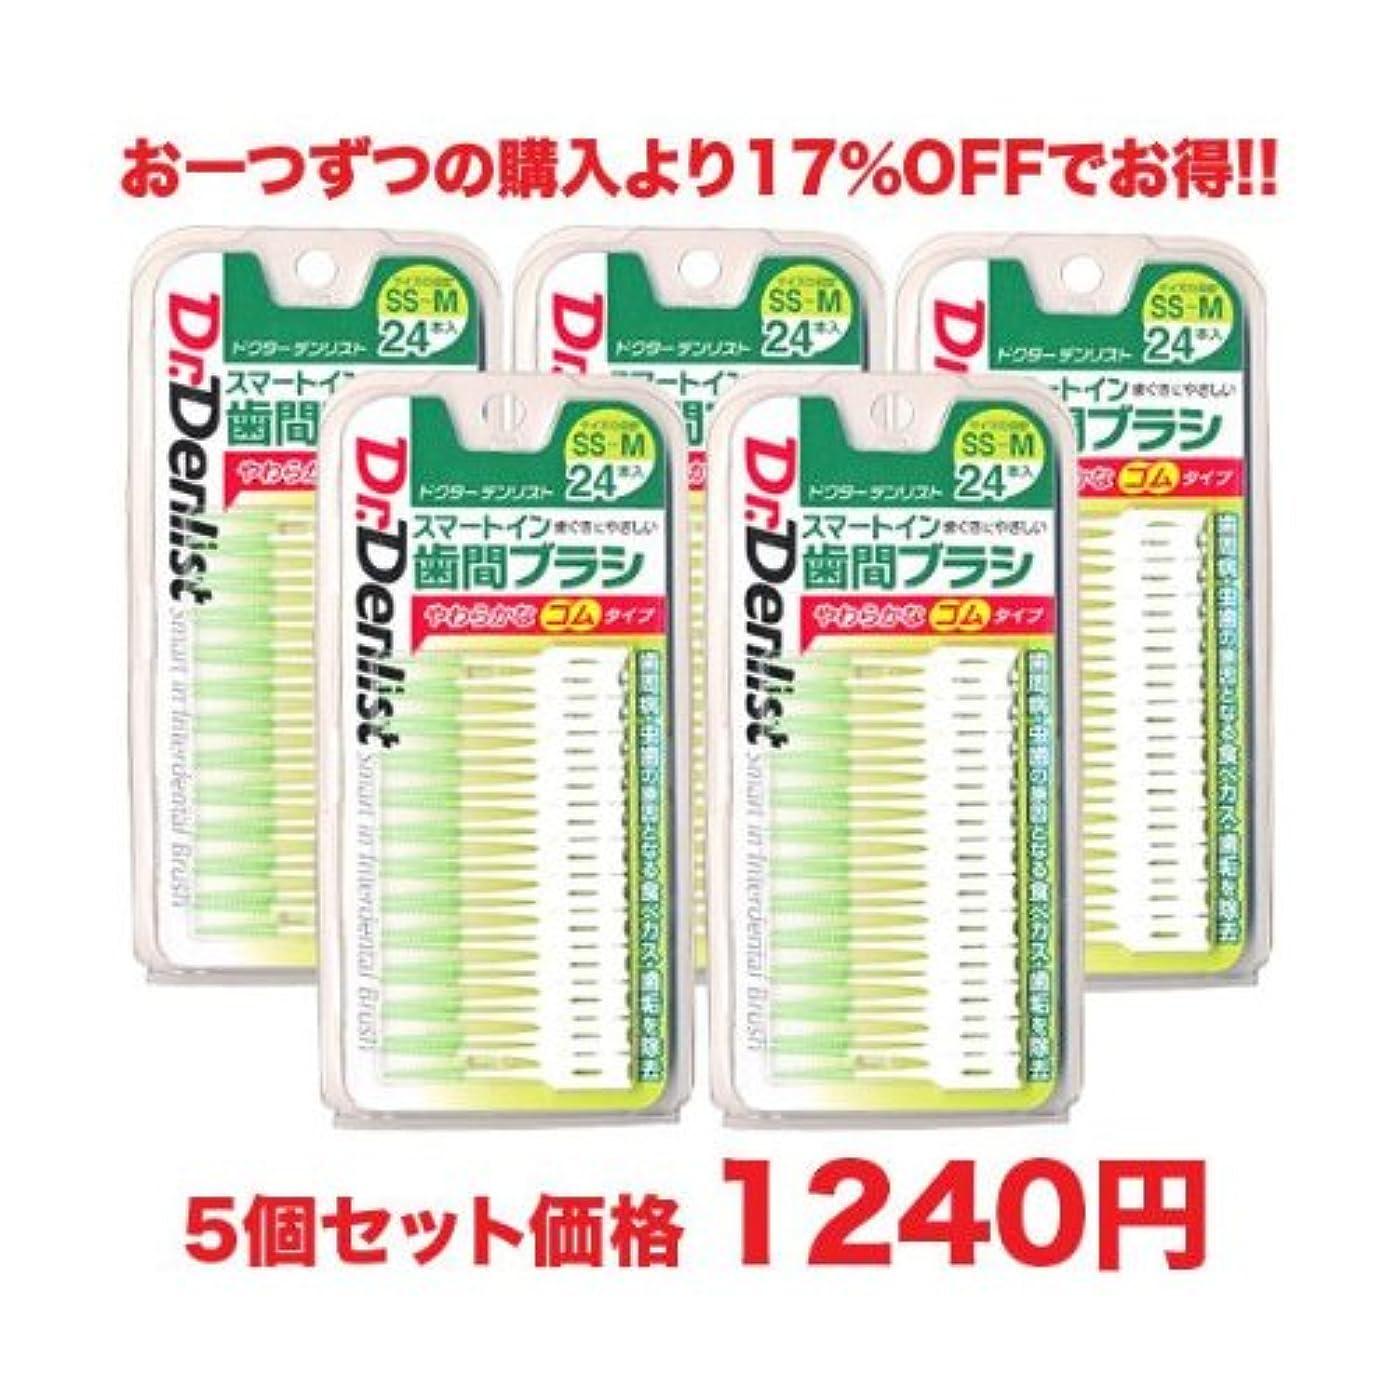 曇ったショートカット捧げる歯間ブラシ スマートイン やわらか歯間ブラシ サイズSS~M 24本入 5個セット やわらかなゴムタイプ